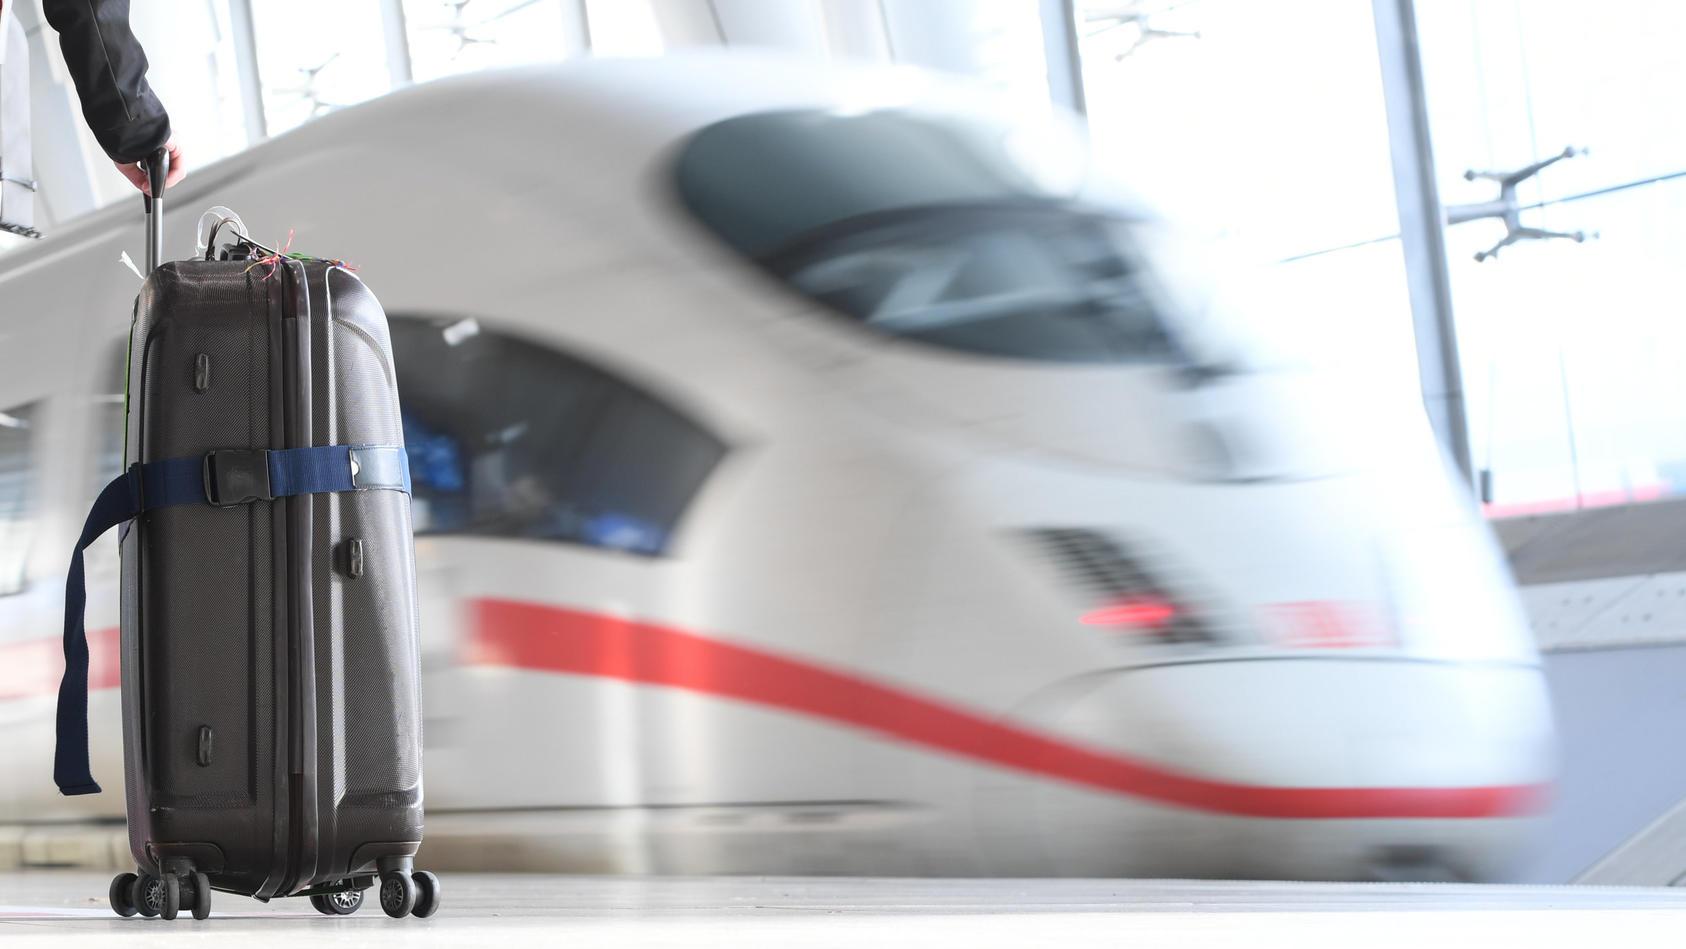 Auf einer Sitzgruppe am Frankfurter Flughafen vergnügte sich ein Pärchen miteinander.